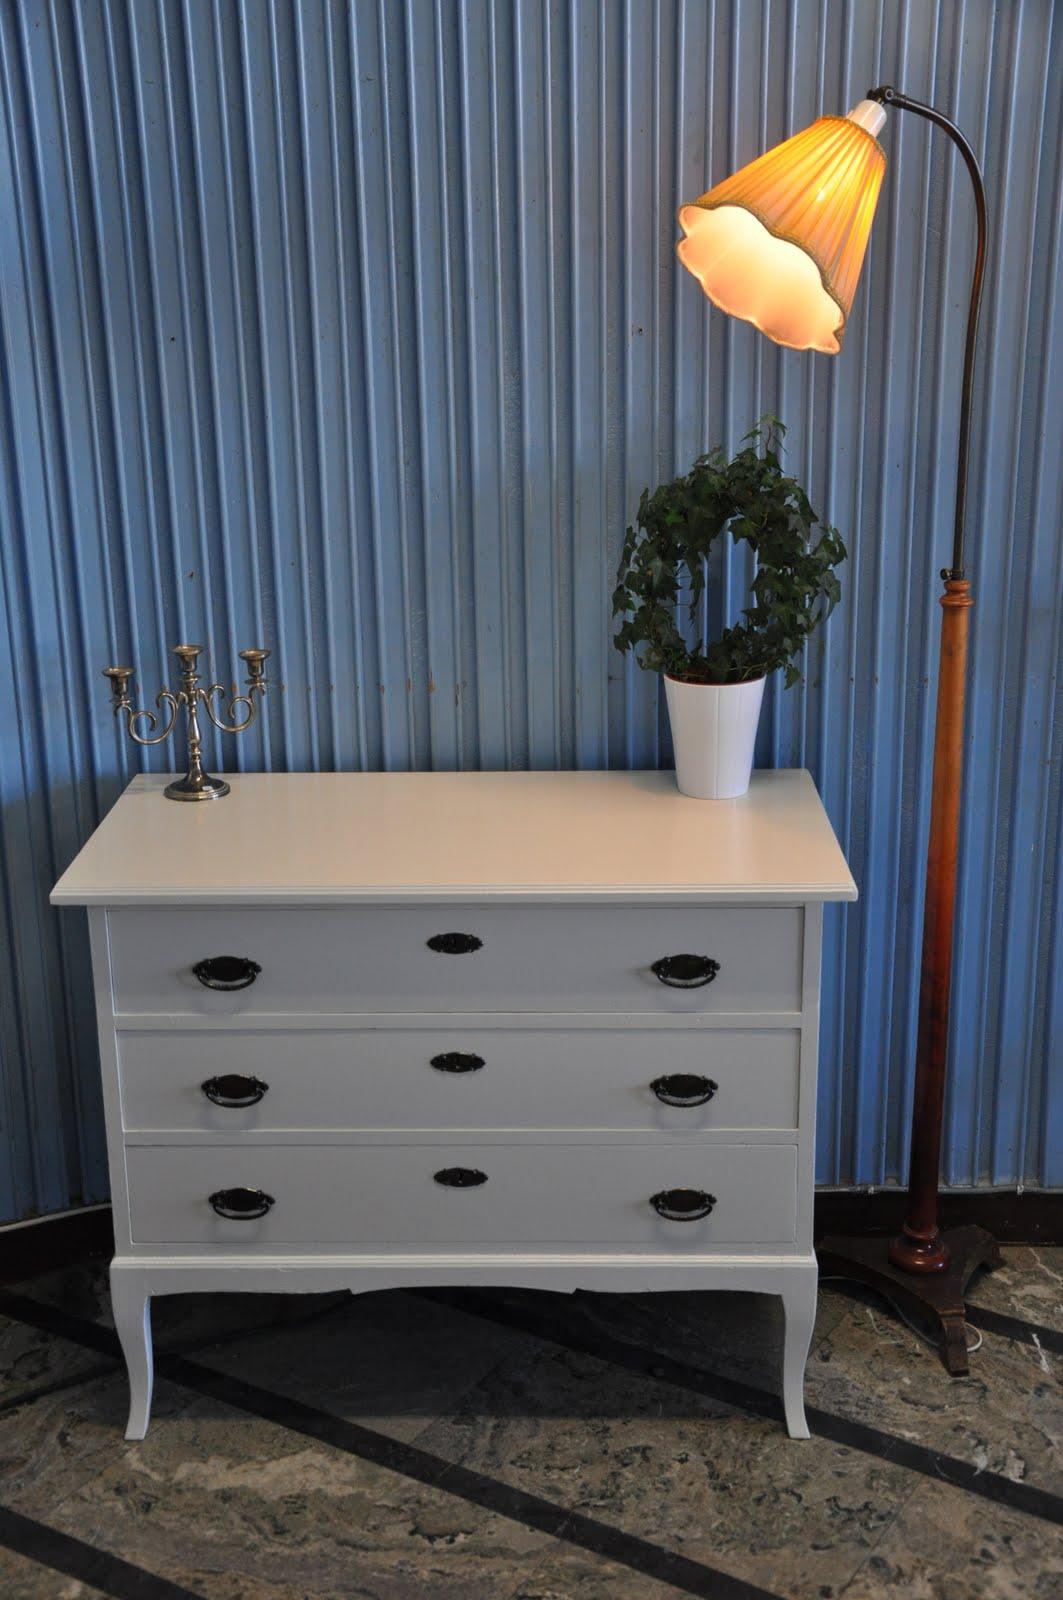 Bondrokoko bord u2013 Möbel för kök, sovrum